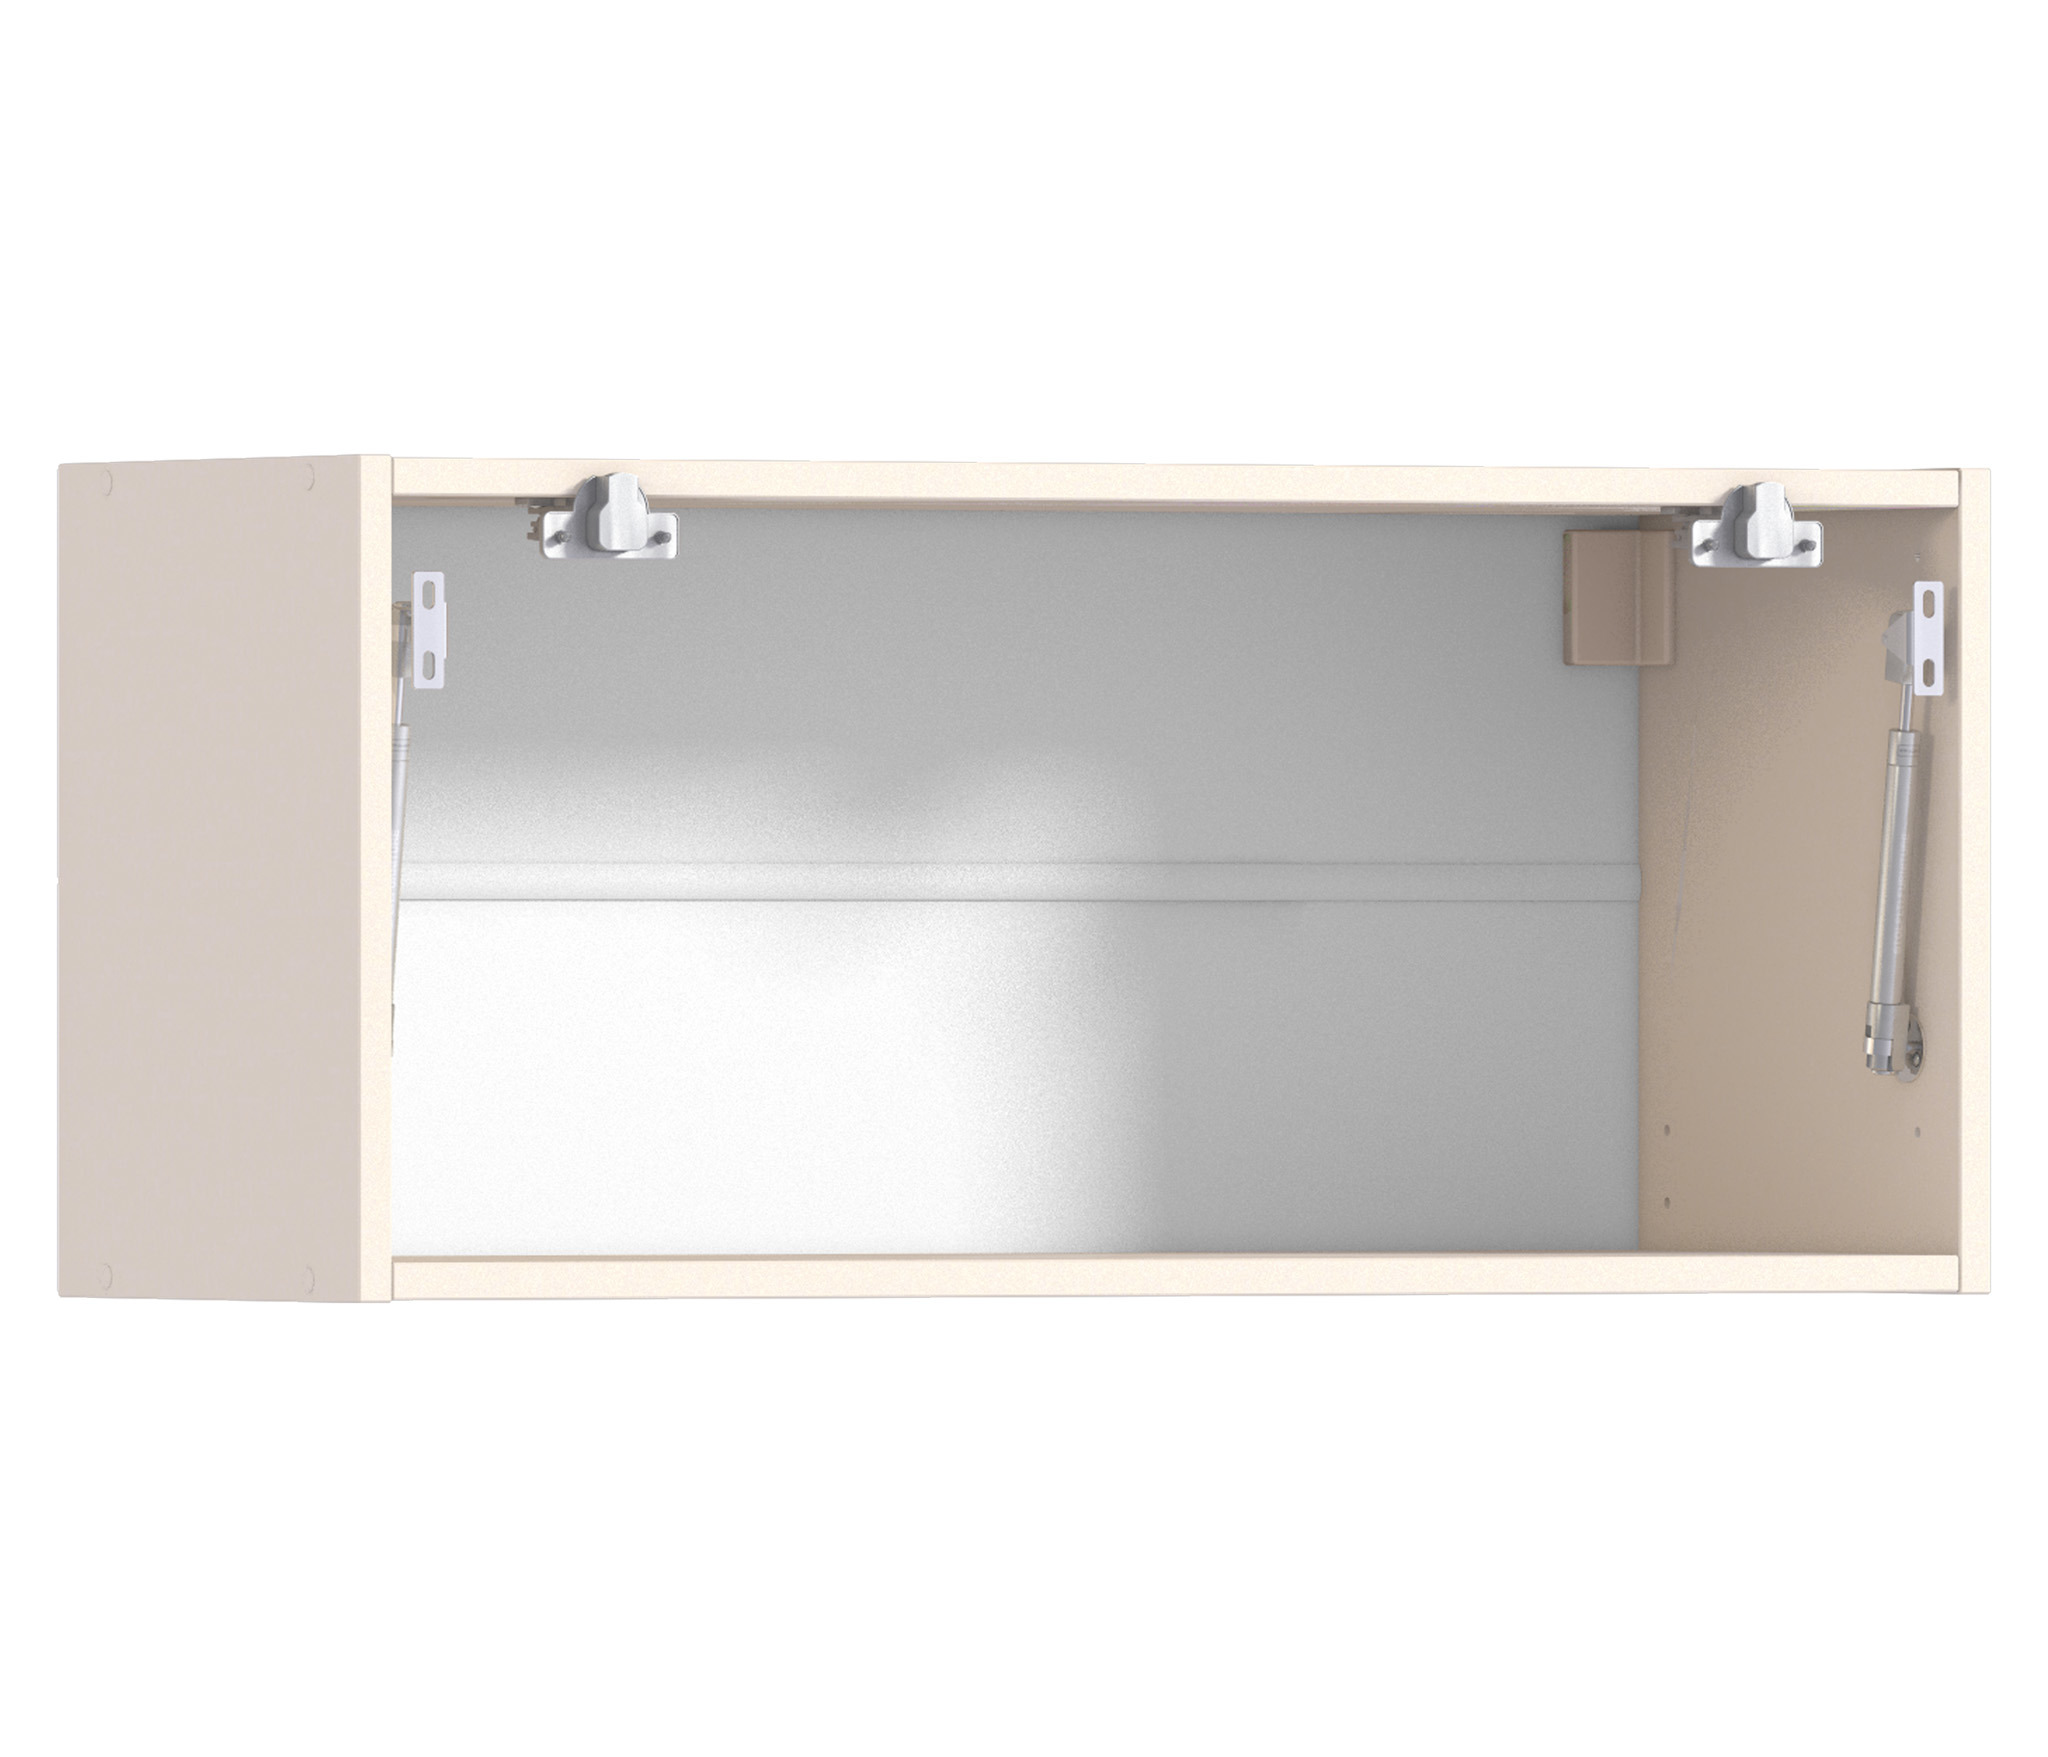 Регина РП-280 Полка над вытяжкойМебель для кухни<br>Качественная полка для кухни.<br><br>Длина мм: 800<br>Высота мм: 360<br>Глубина мм: 289